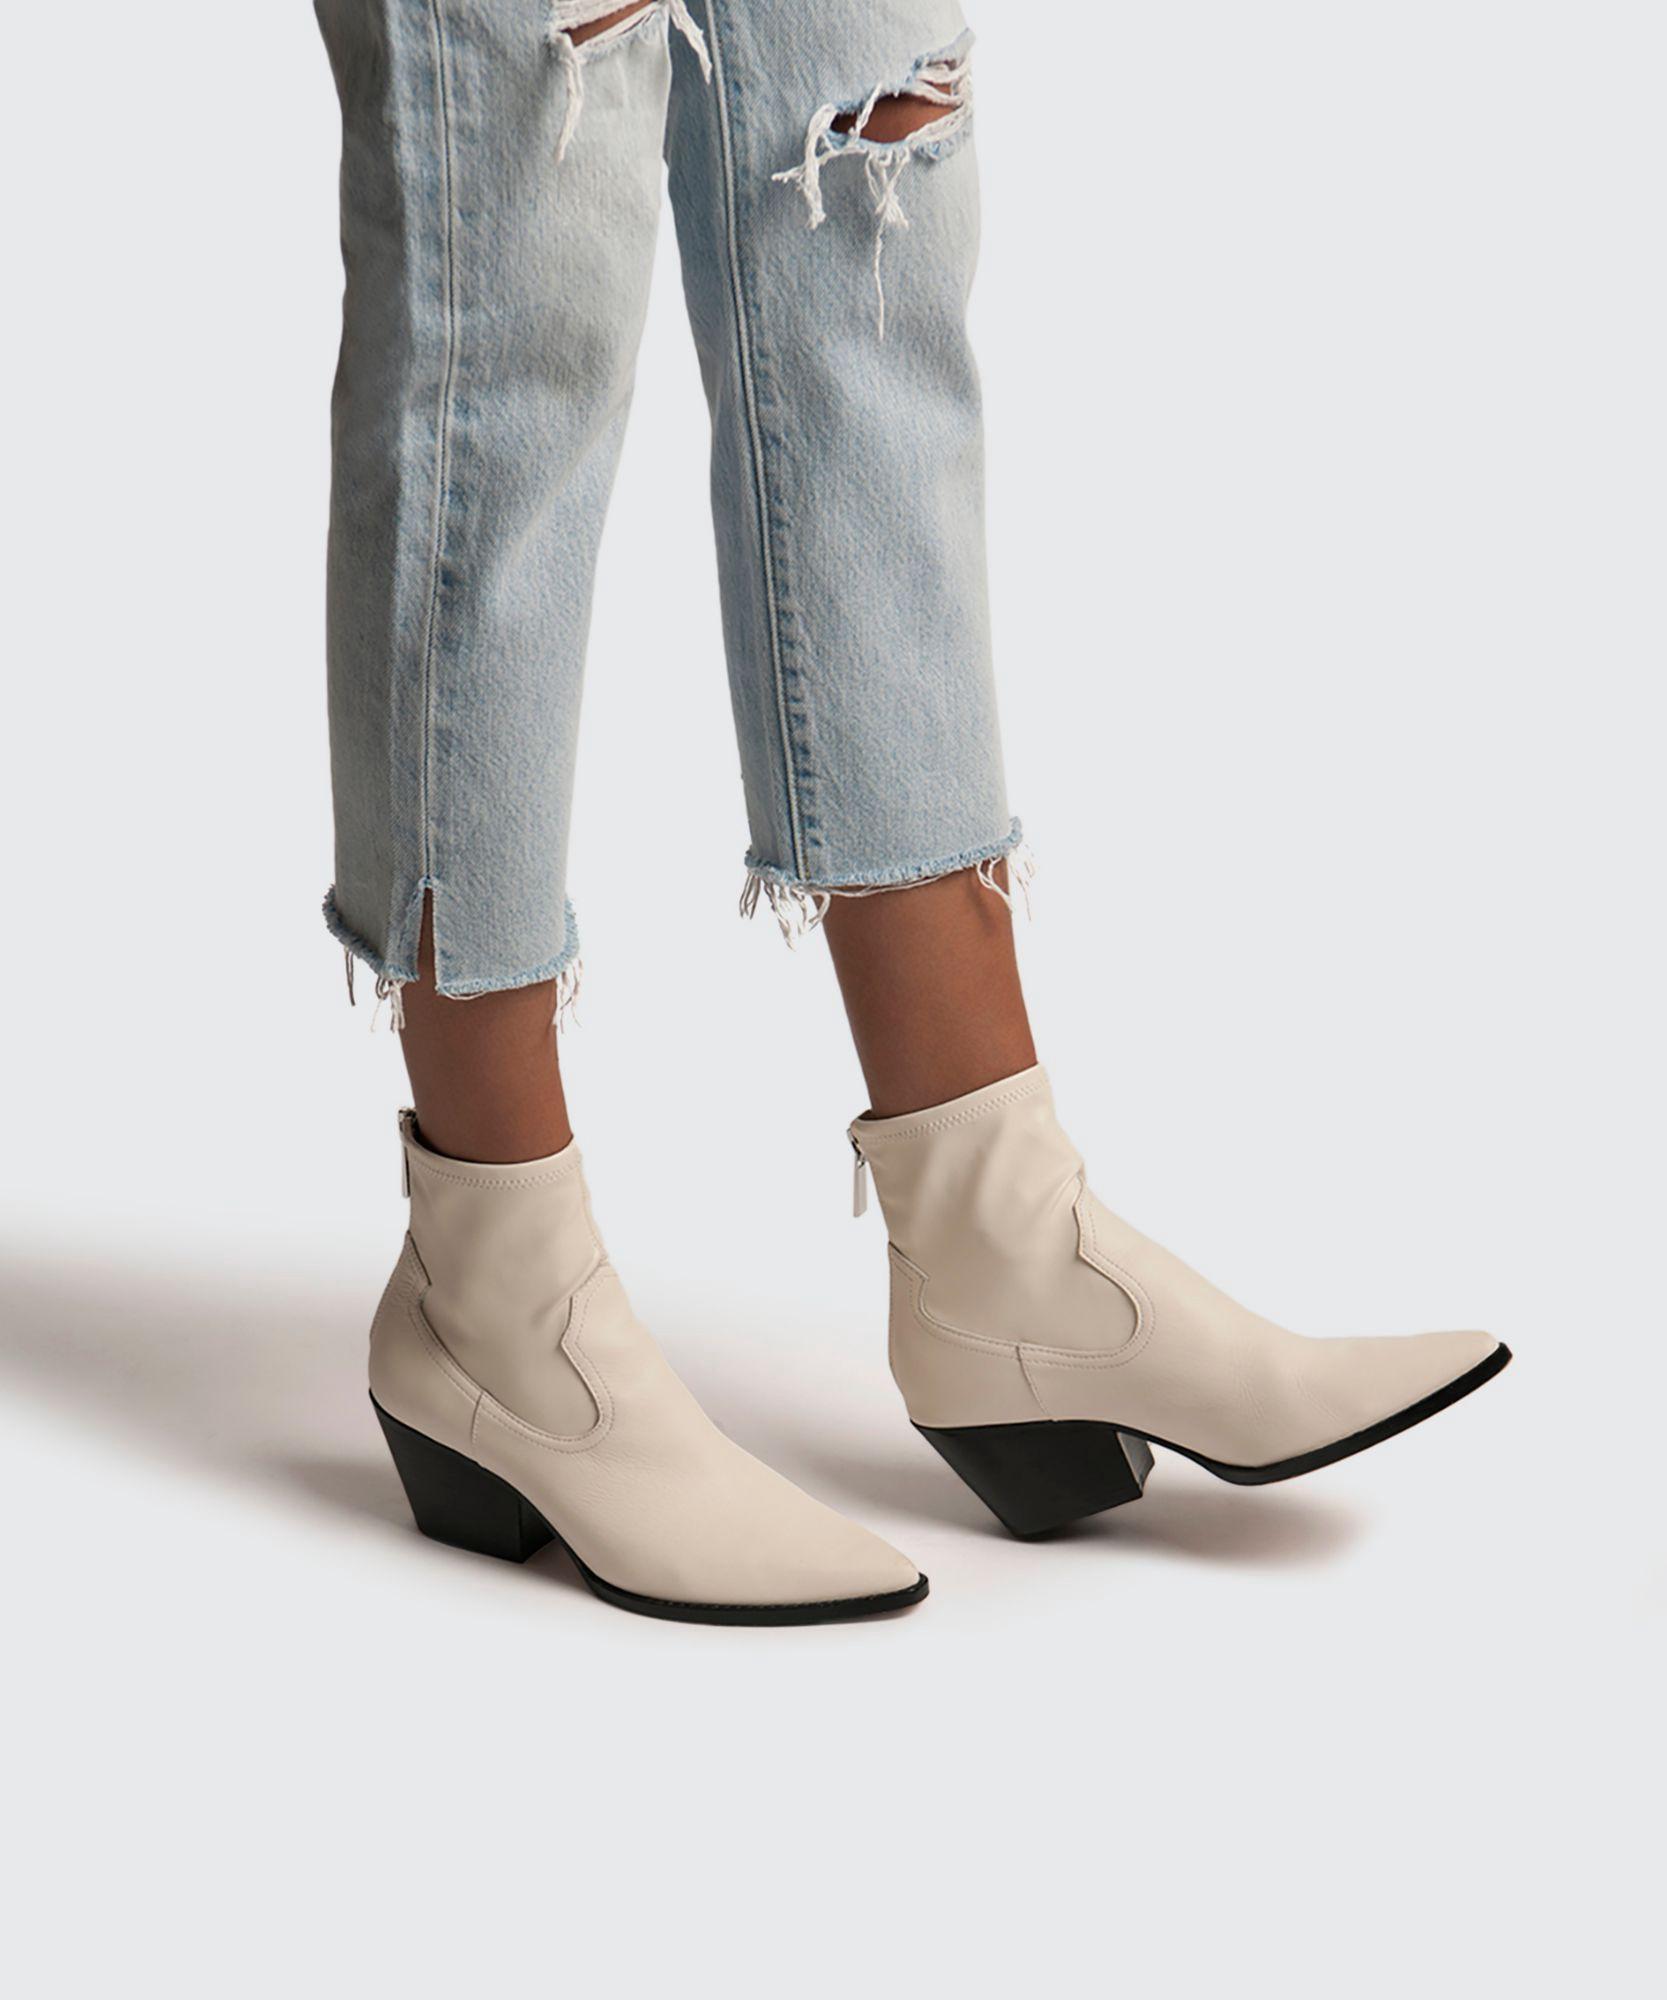 dolce vita white boots